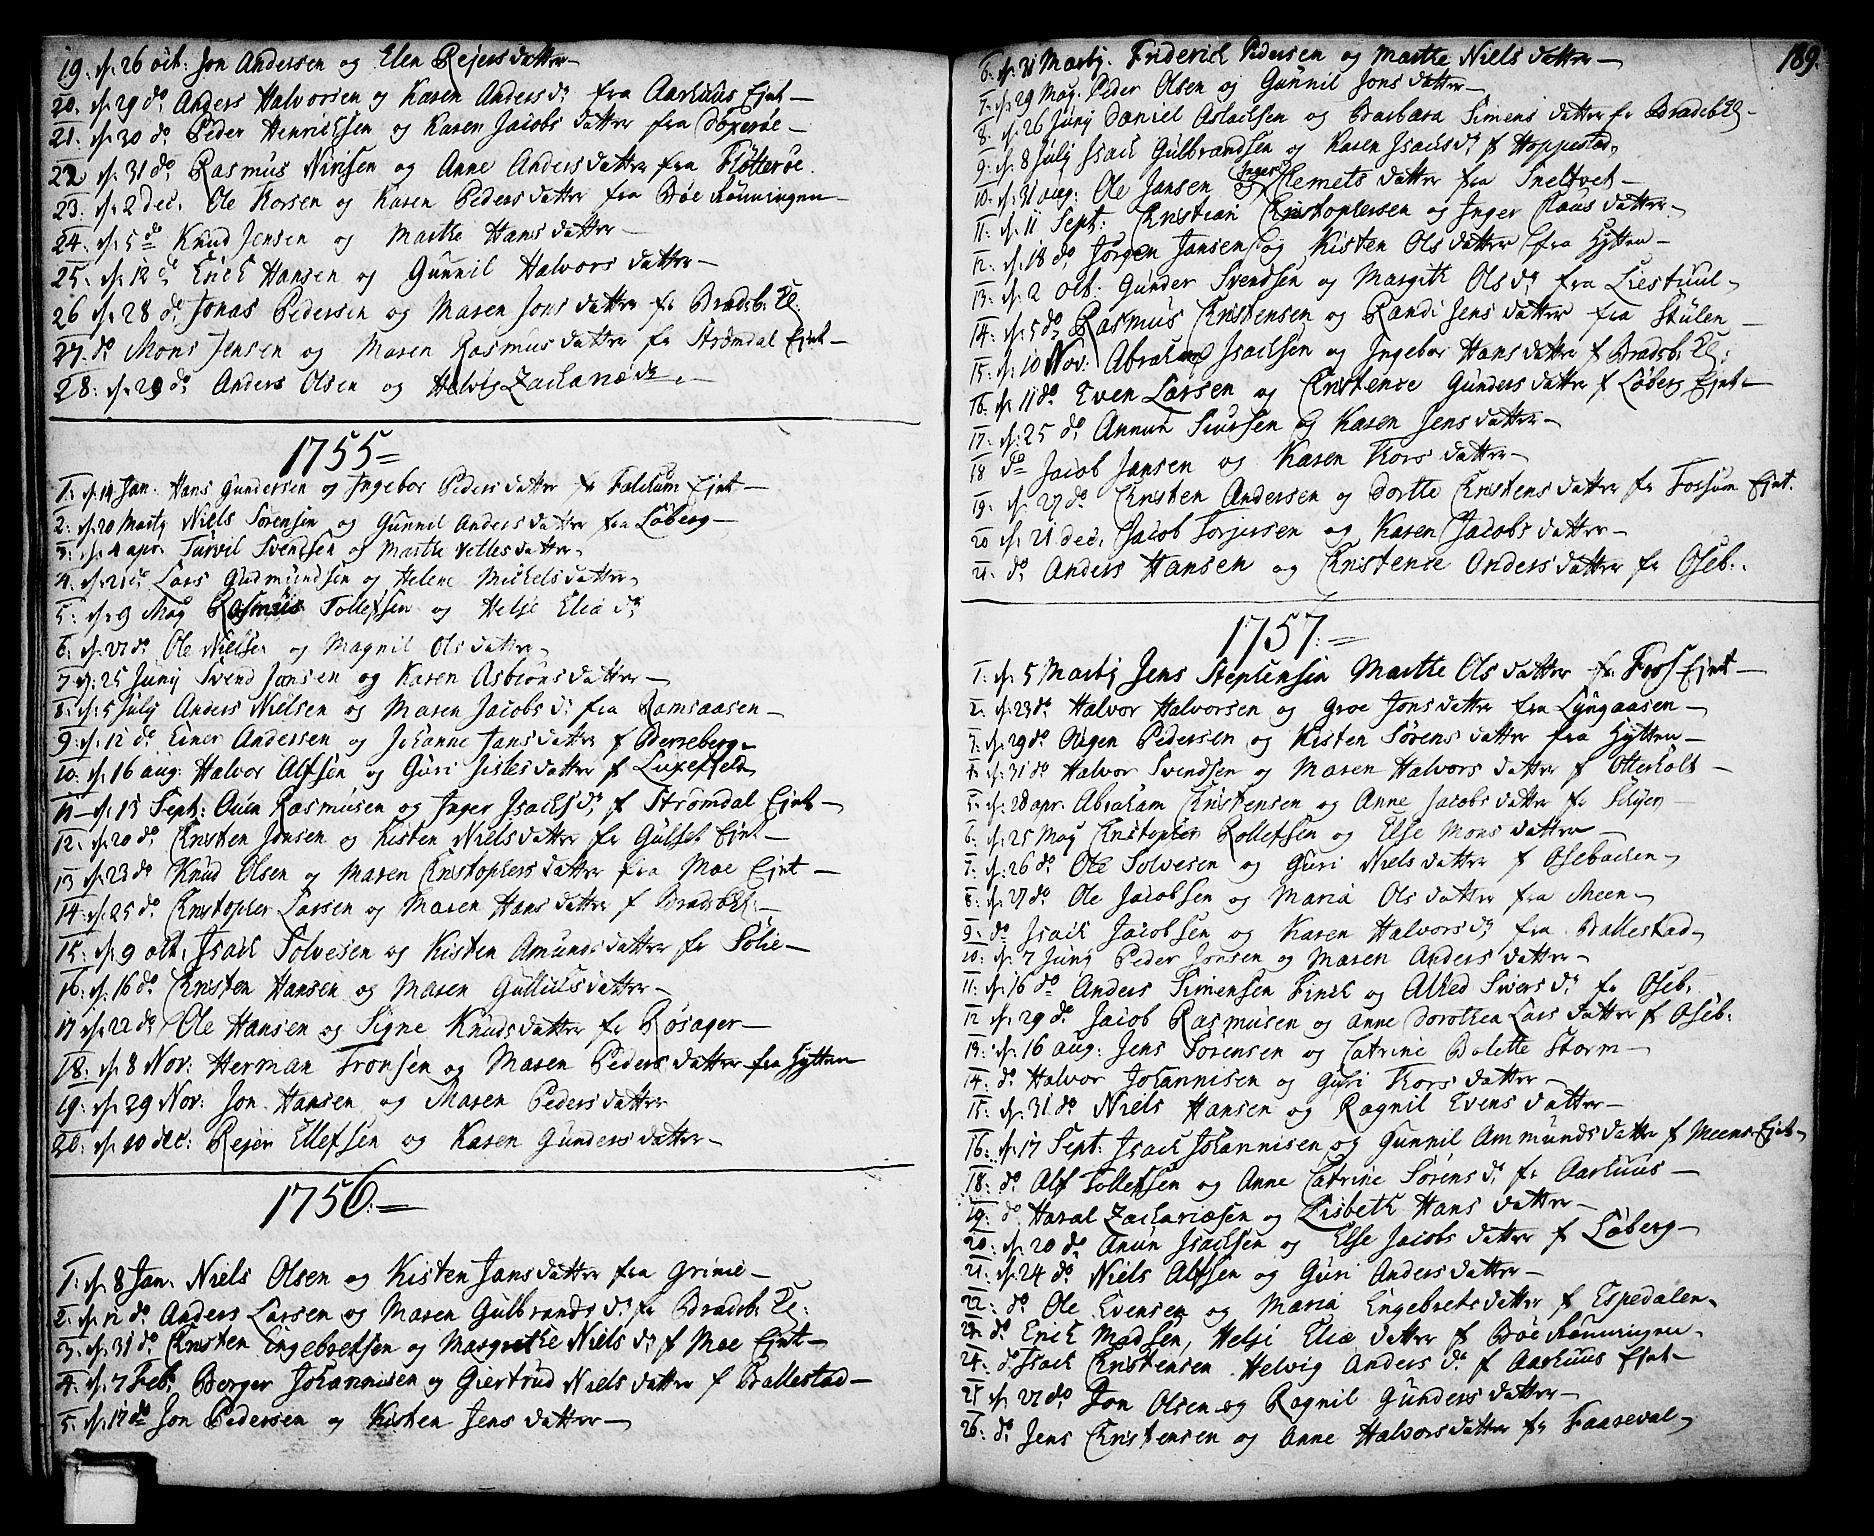 SAKO, Gjerpen kirkebøker, F/Fa/L0002: Ministerialbok nr. 2, 1747-1795, s. 189